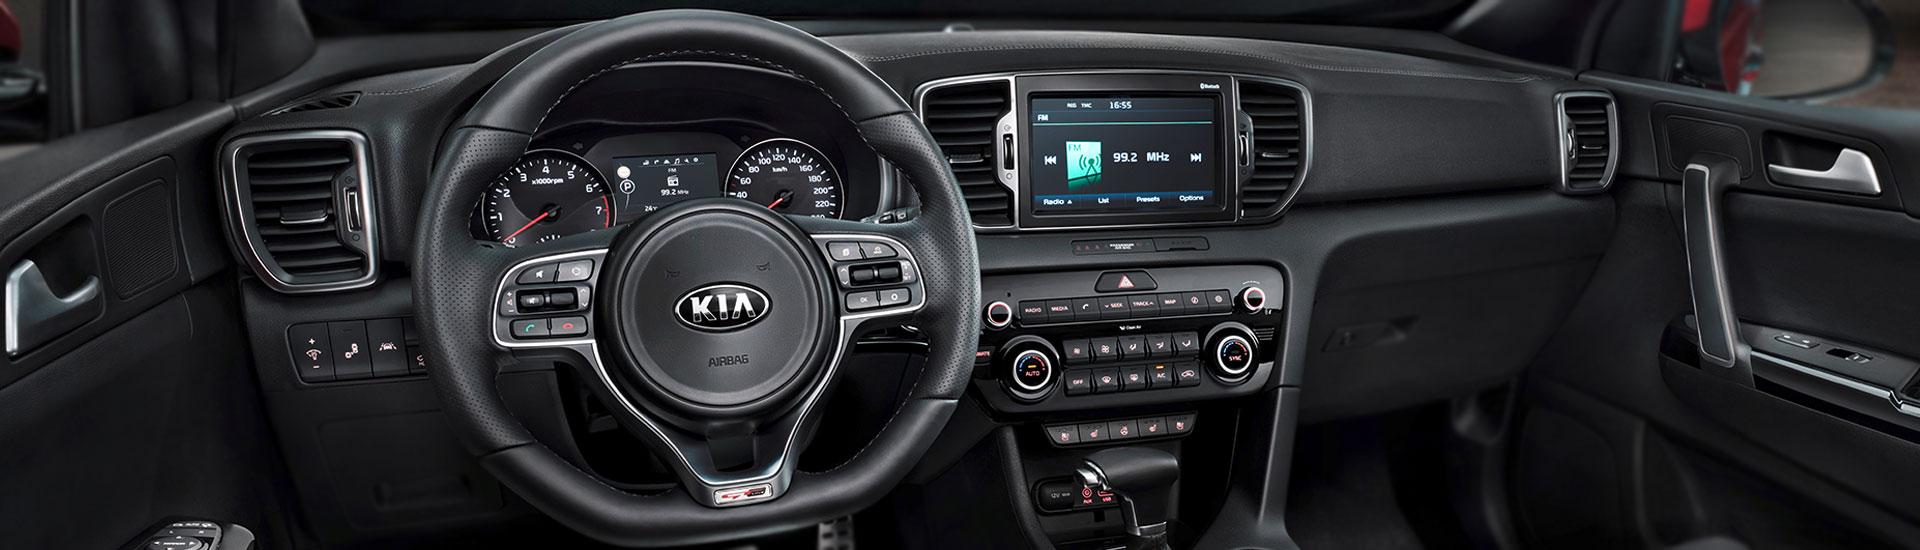 Kia Sportage Custom Dash Kits